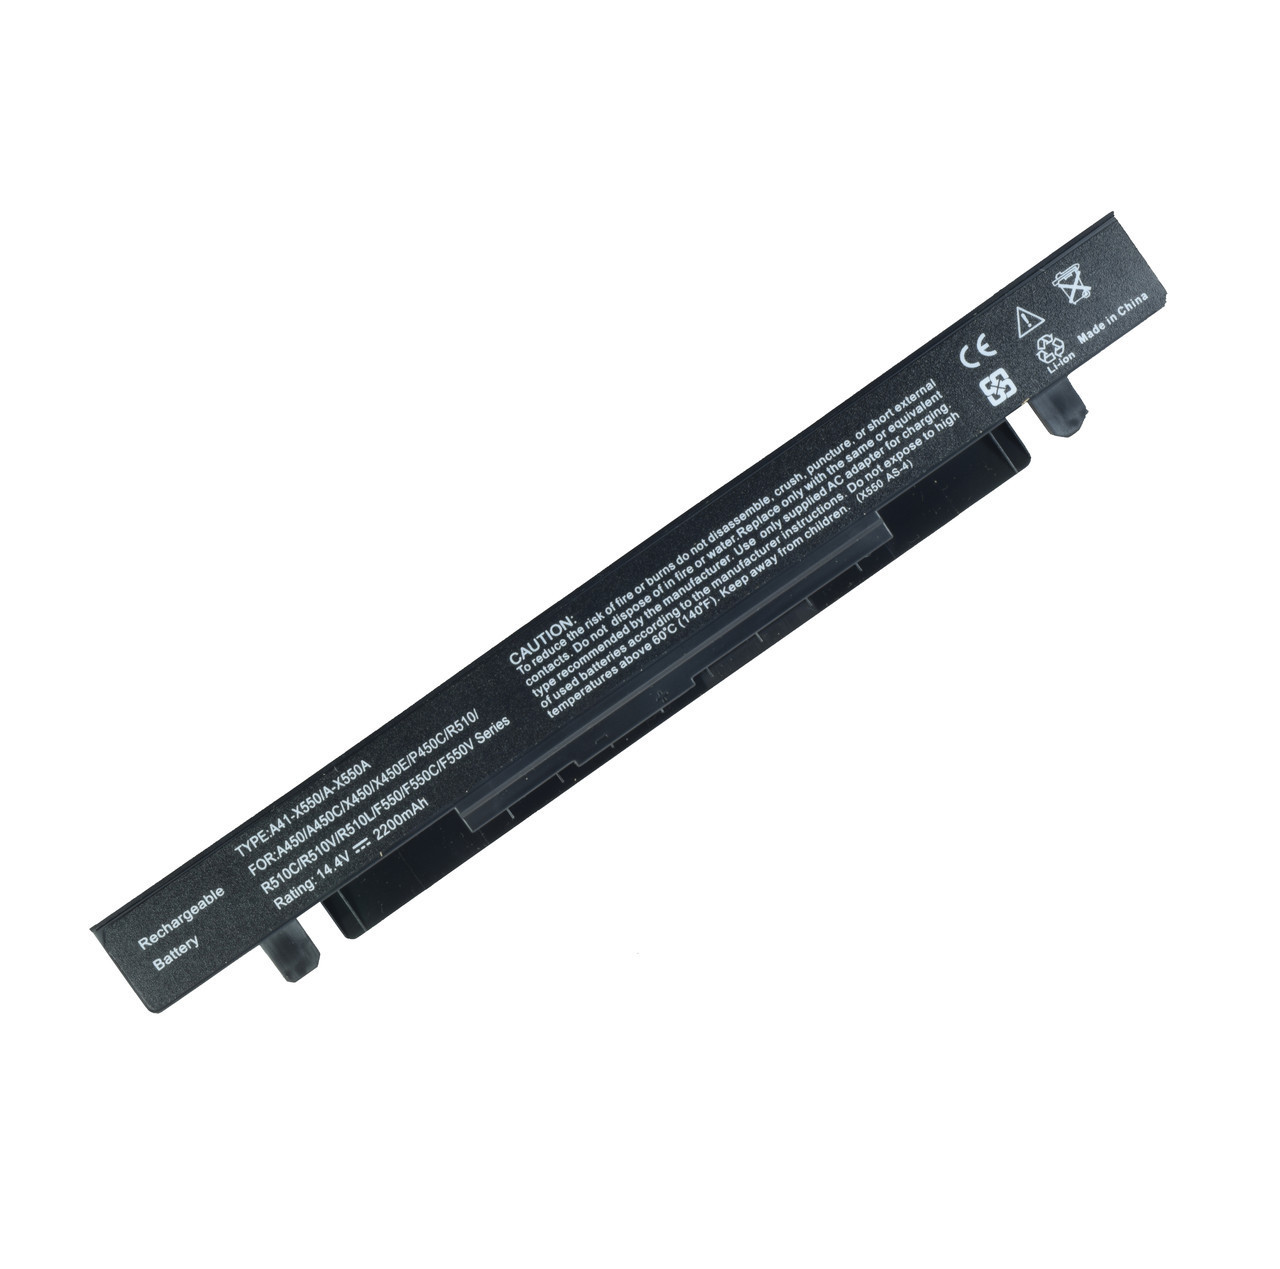 Батарея для ноутбука Asus A41-X550 A41-X550A x55l82h